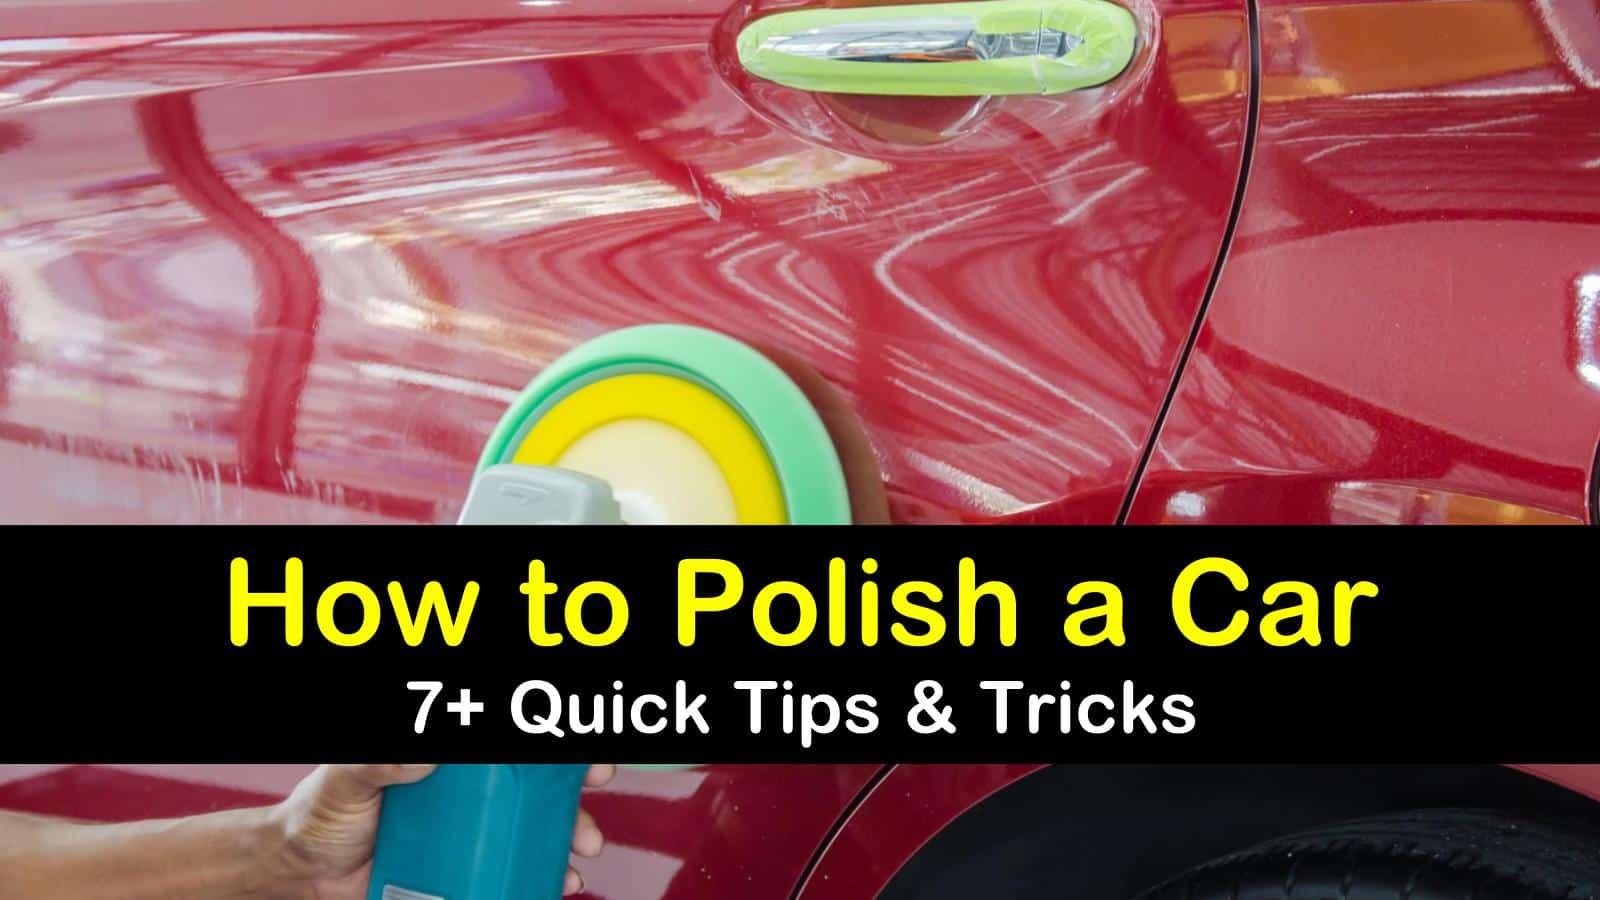 how to polish a car titleimg1